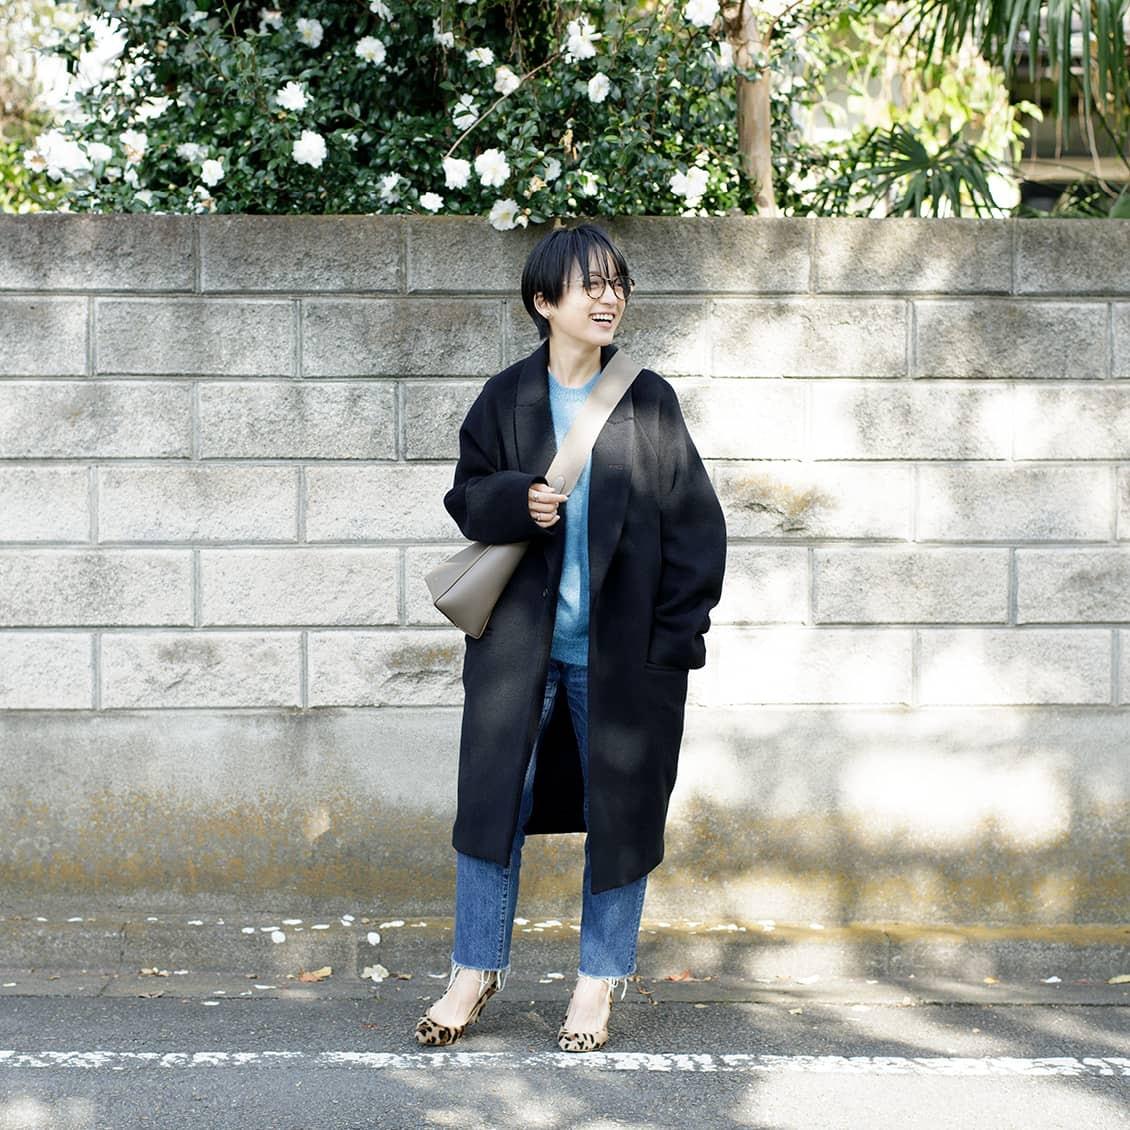 158cmのおしゃれ哲学前編日本人の平均身長だからこそ